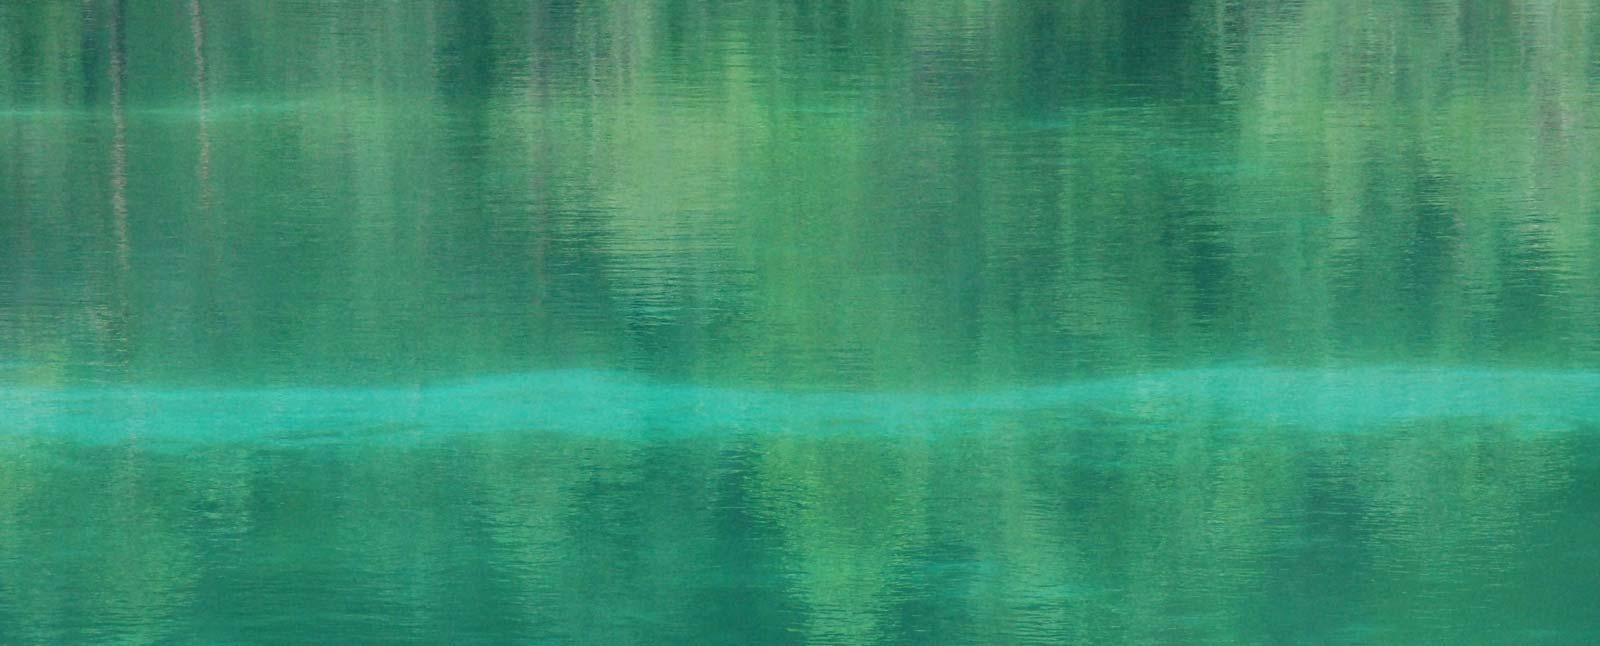 Intensiv türkisfarbige Oberfläche eines Sees, in dem sich verschwommen Bäume spiegeln, die man aber nicht direkt sieht